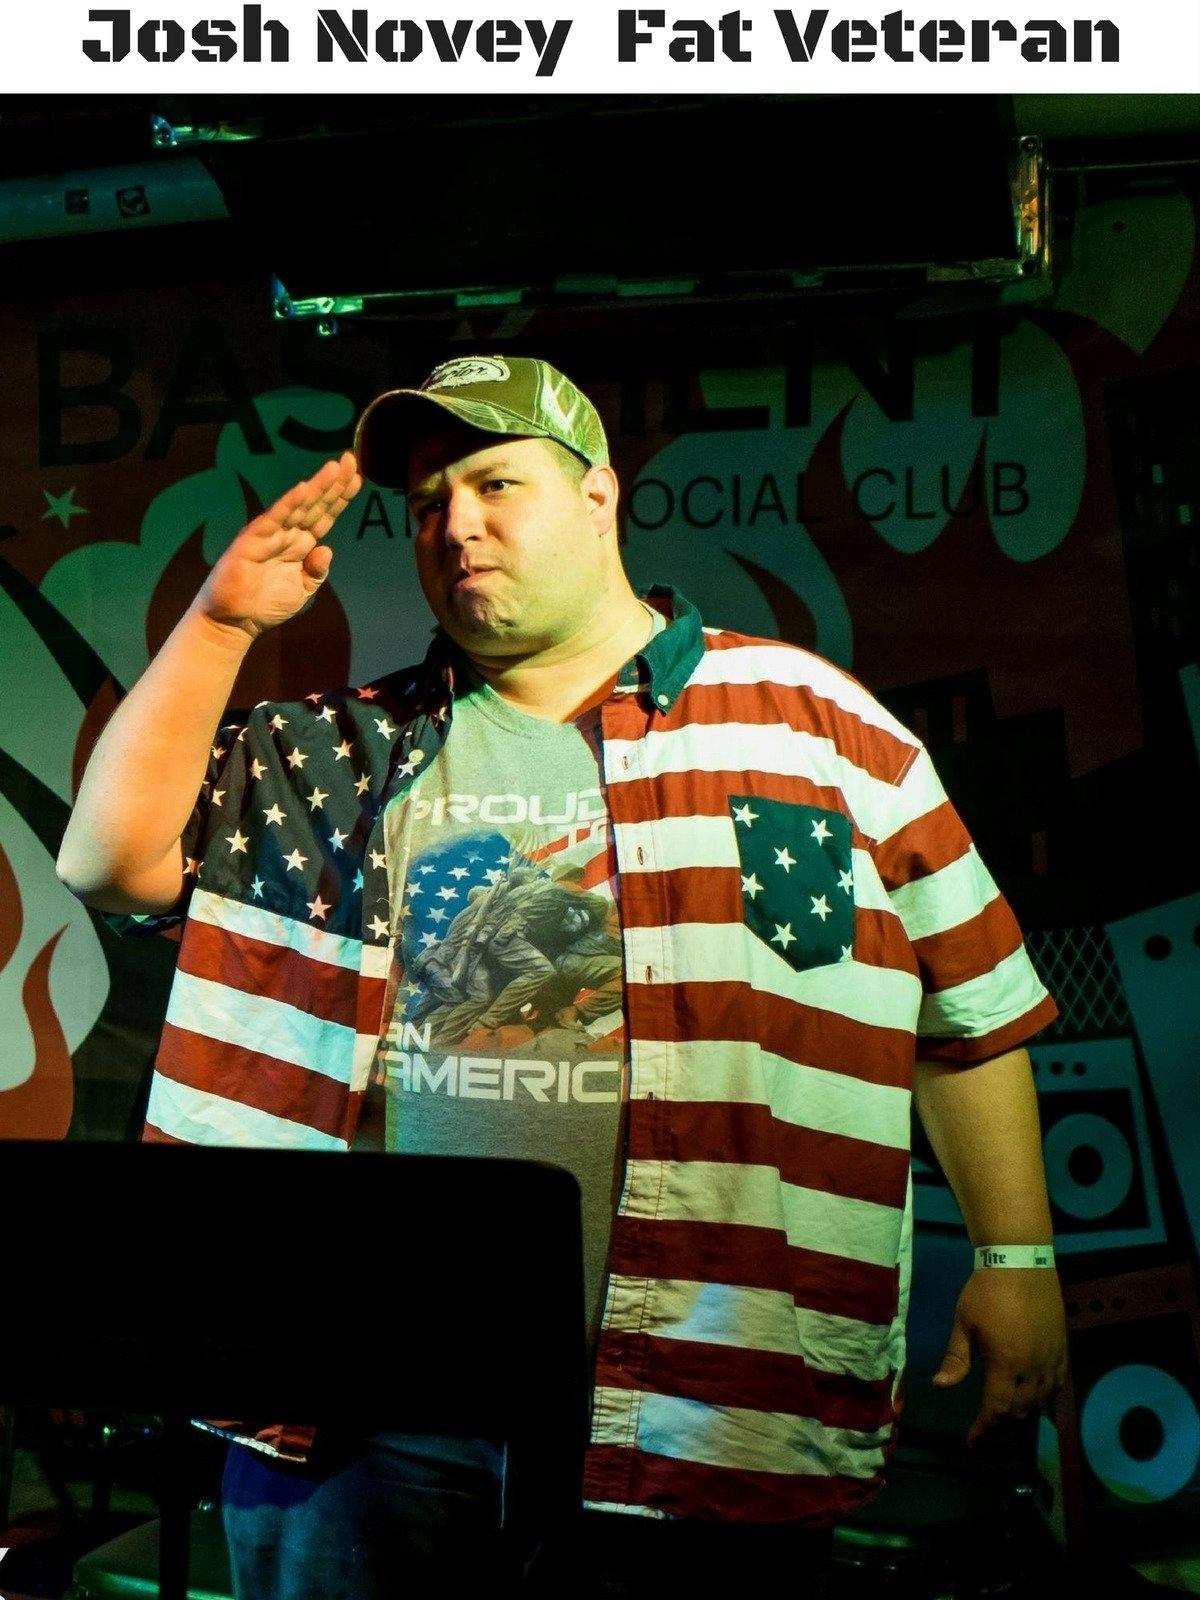 Josh Novey Fat Veteran